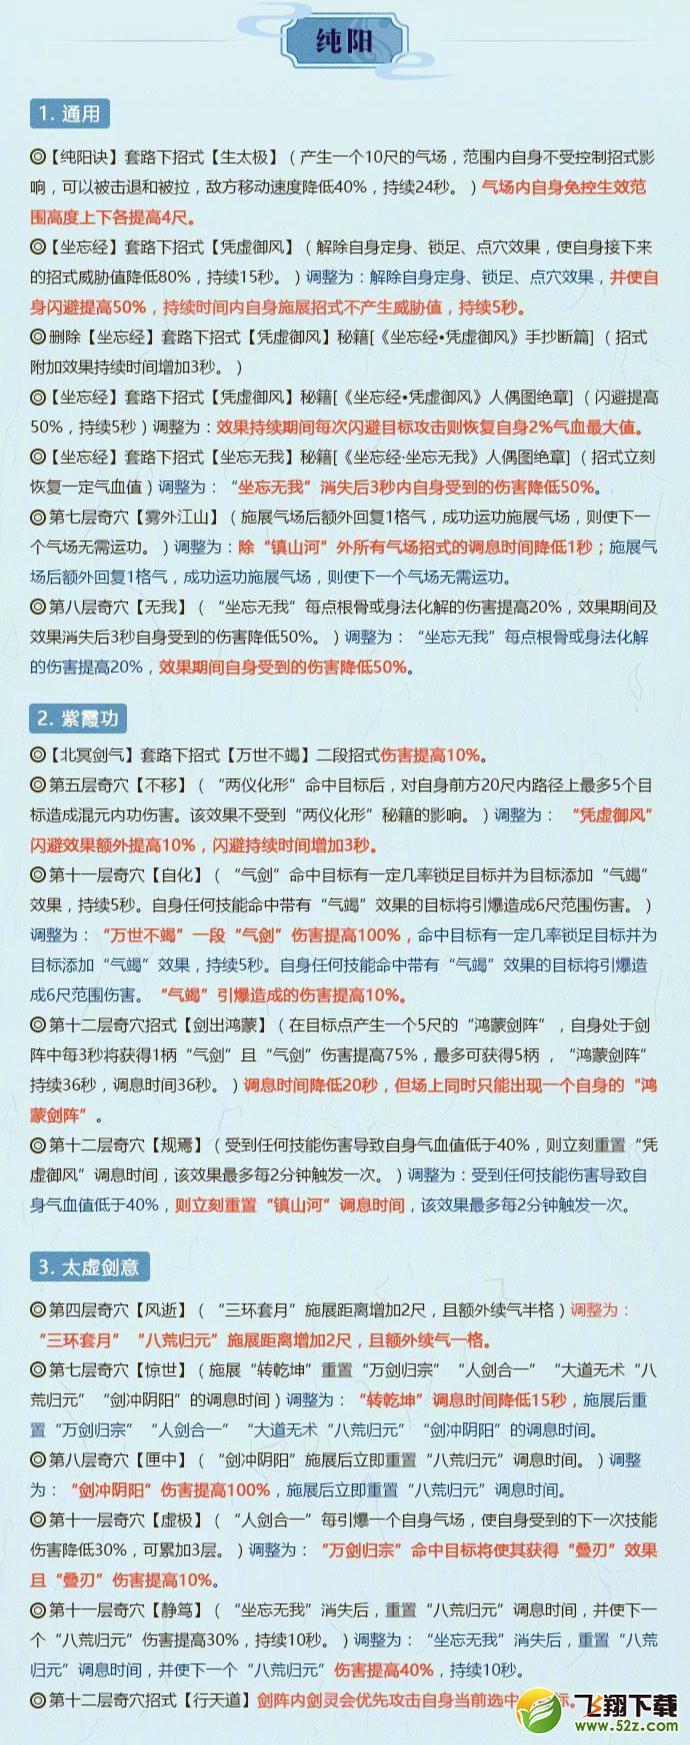 剑网三2月14日全门派技改详情汇总_52z.com